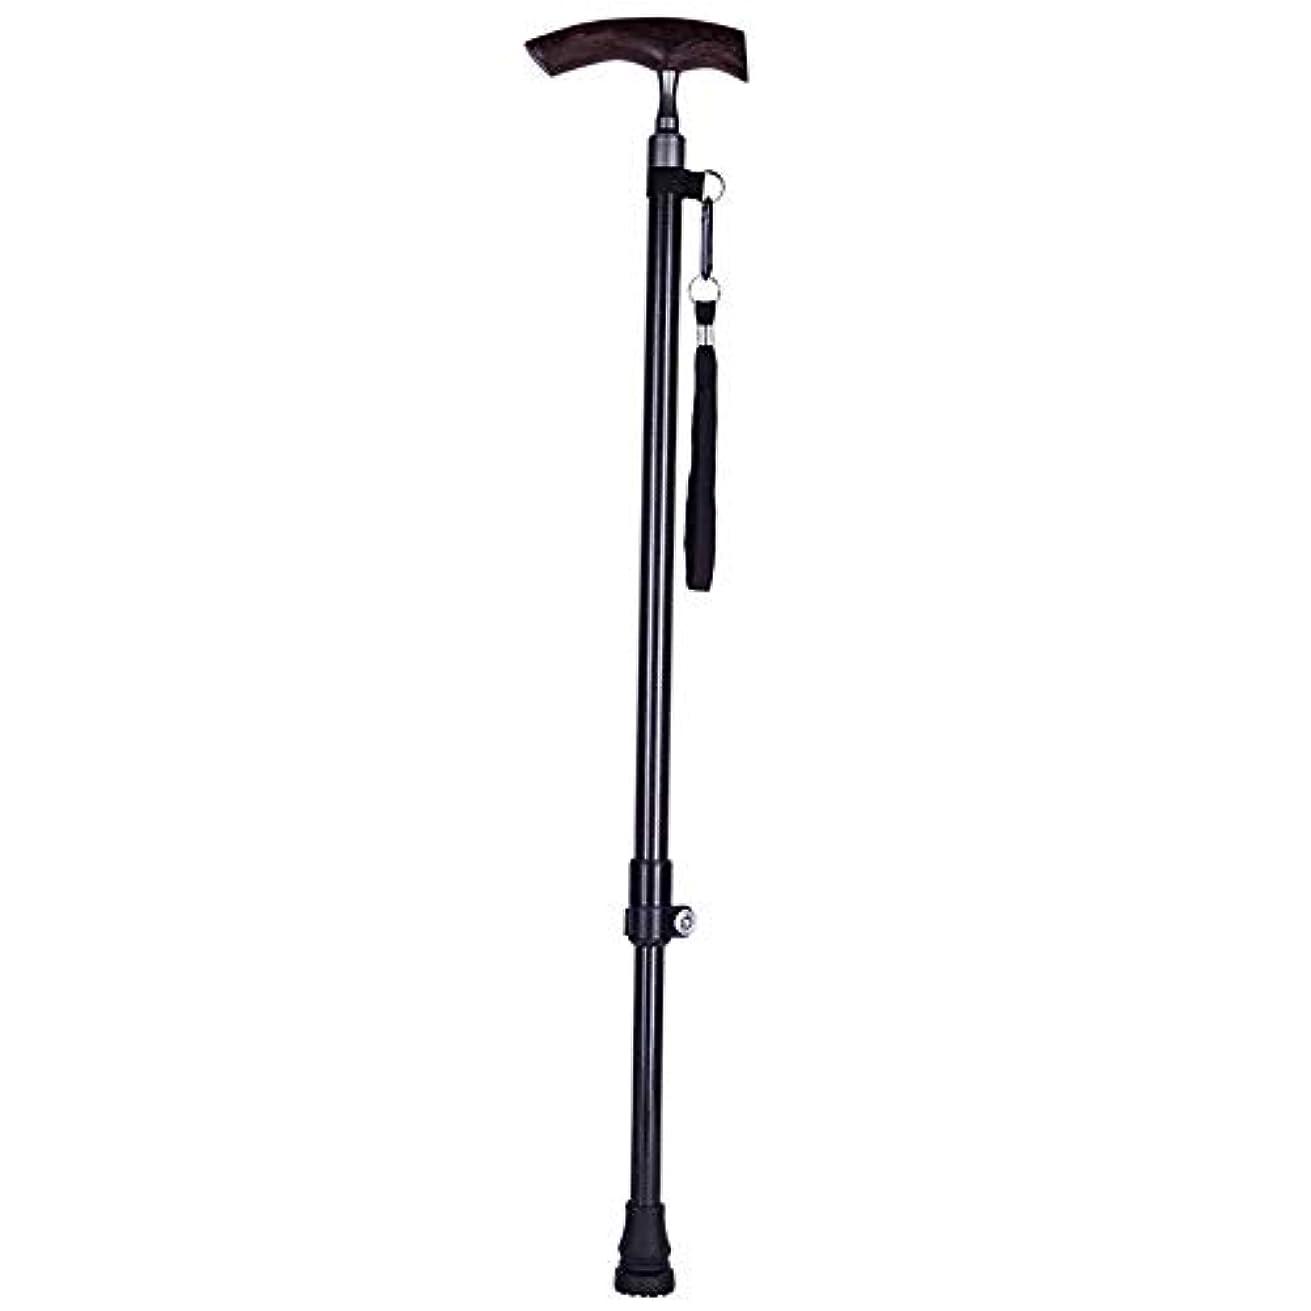 不十分な答え公使館歩く杖 プレミアムファッション高齢者調整可能な高さ杖、松葉杖カーボン木製ハンドル伸縮滑り止め耐久性、男性の女性の安全な杖屋外旅行ウォーキングサポート安定性 (Color : 黒)